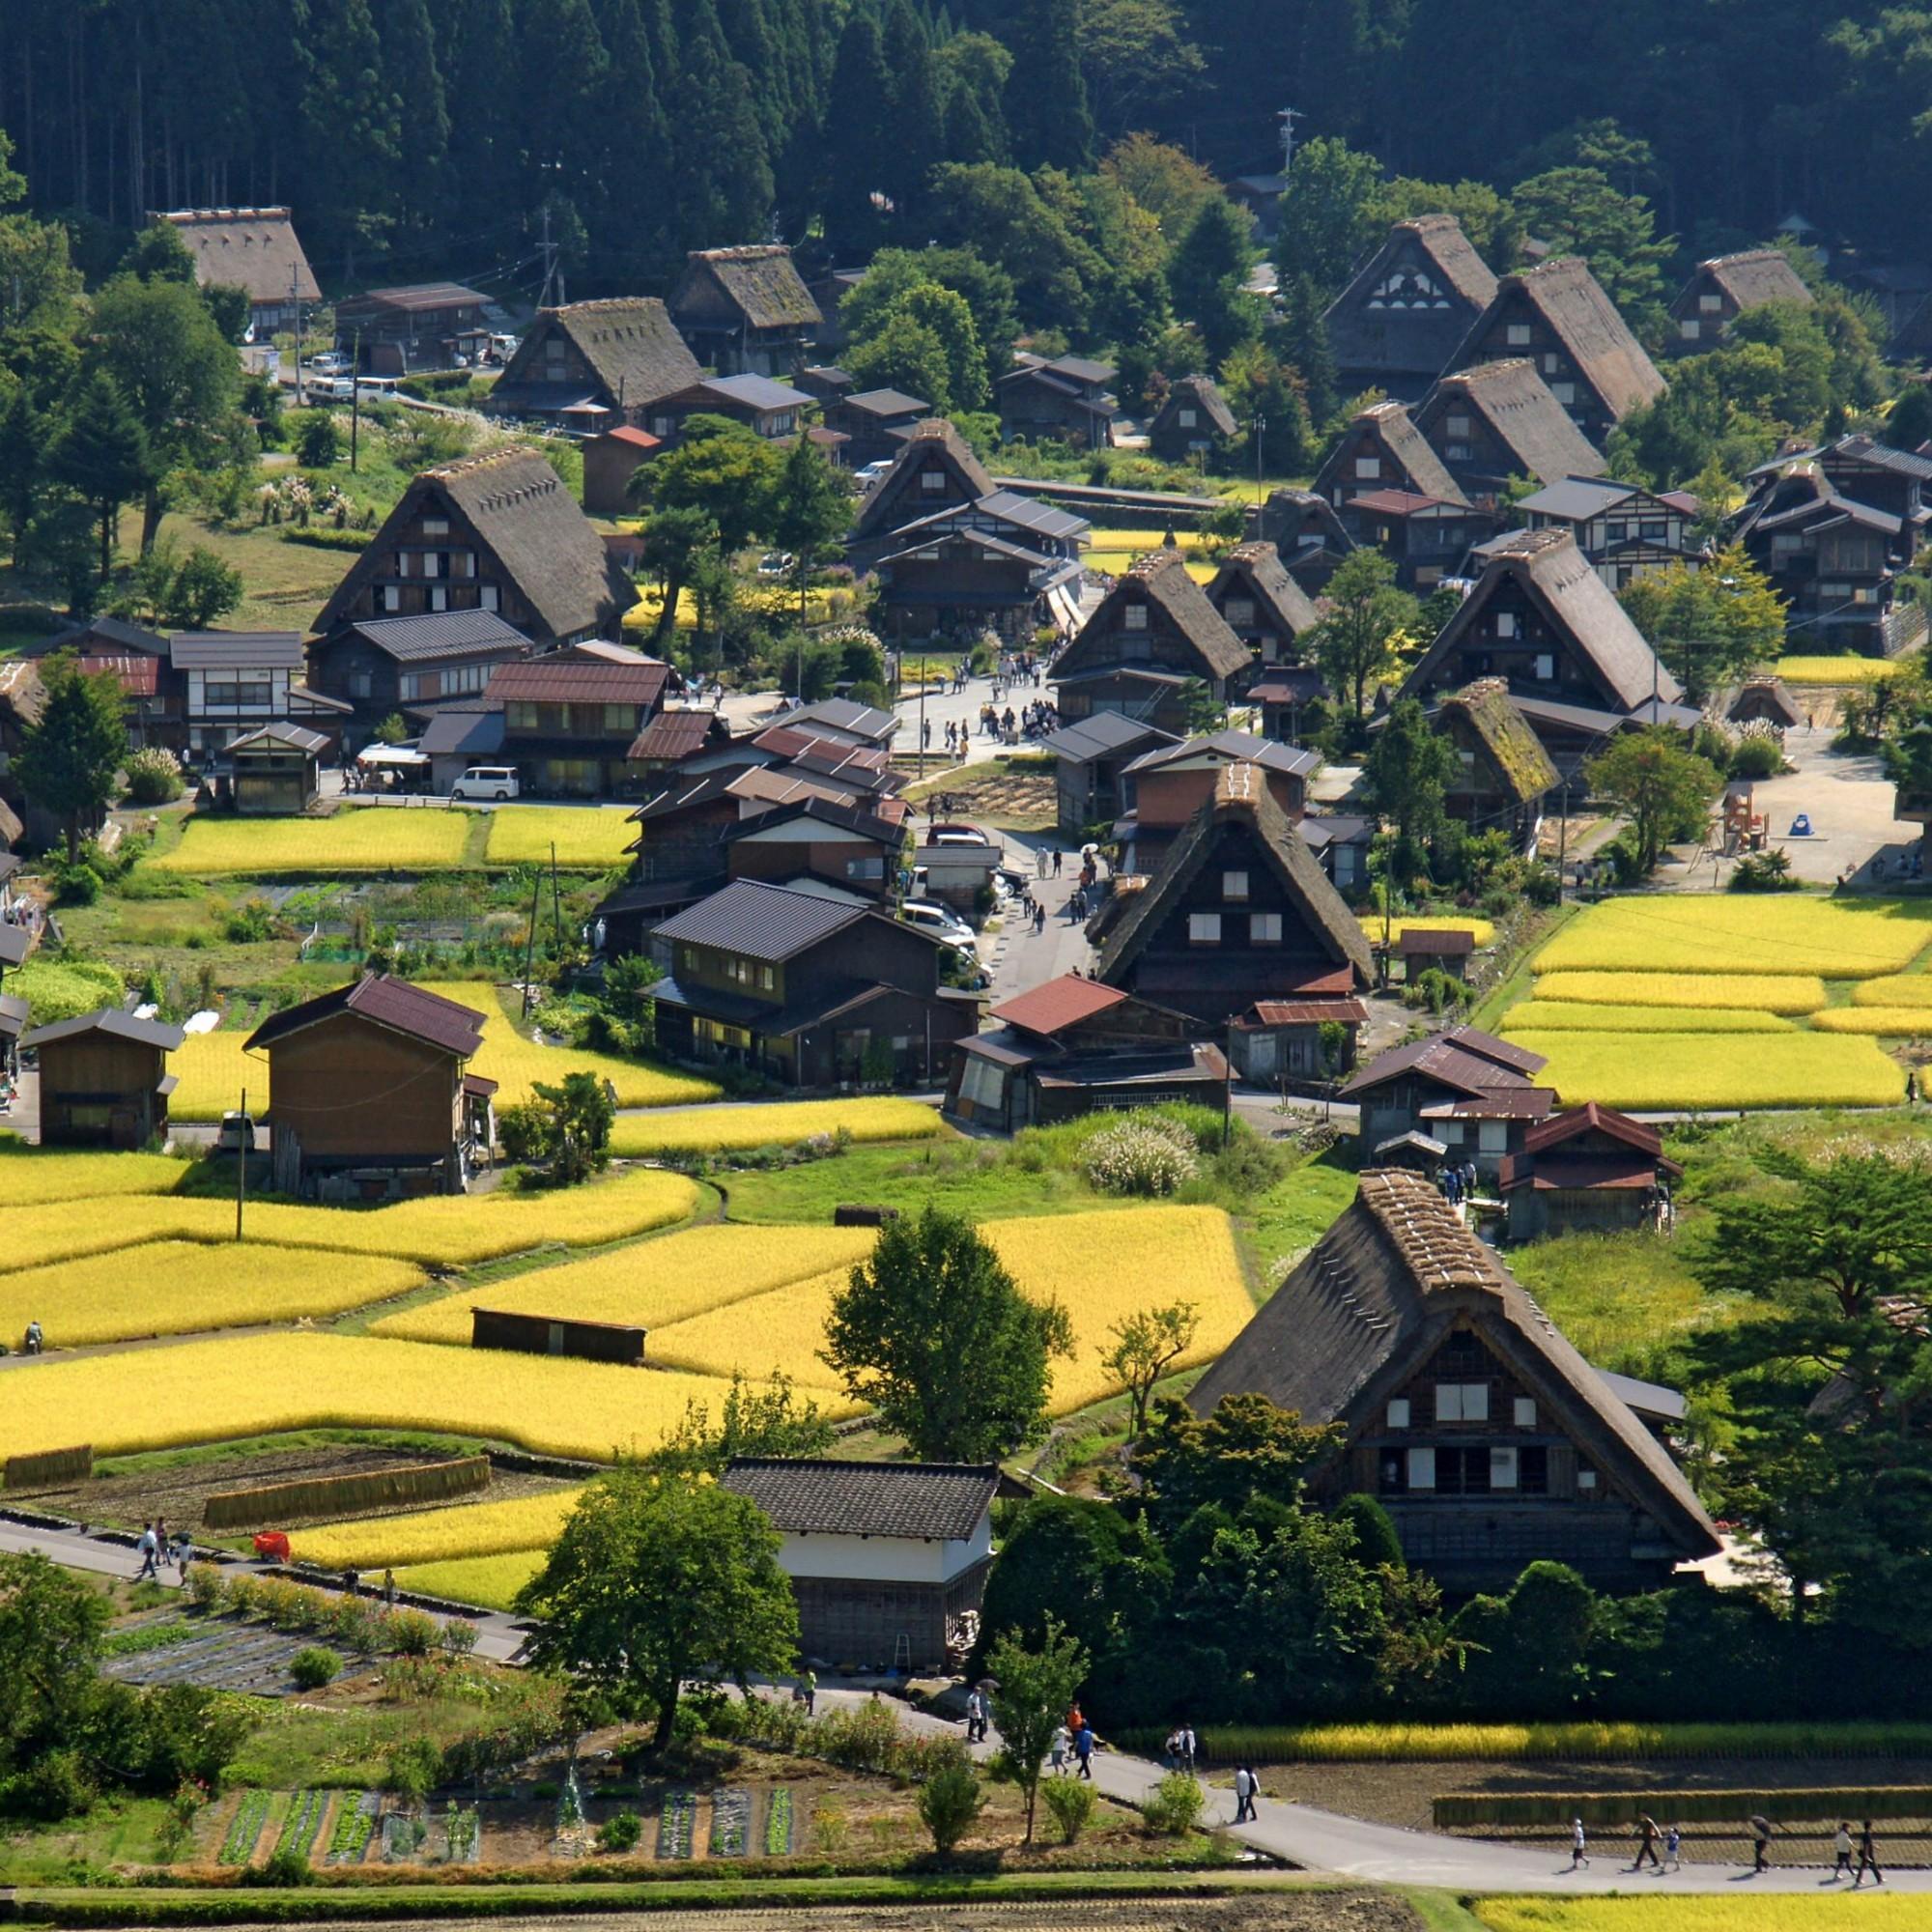 Zwischen den alten Bauernhäusern wird Buchweizen und Hirse angebaut.